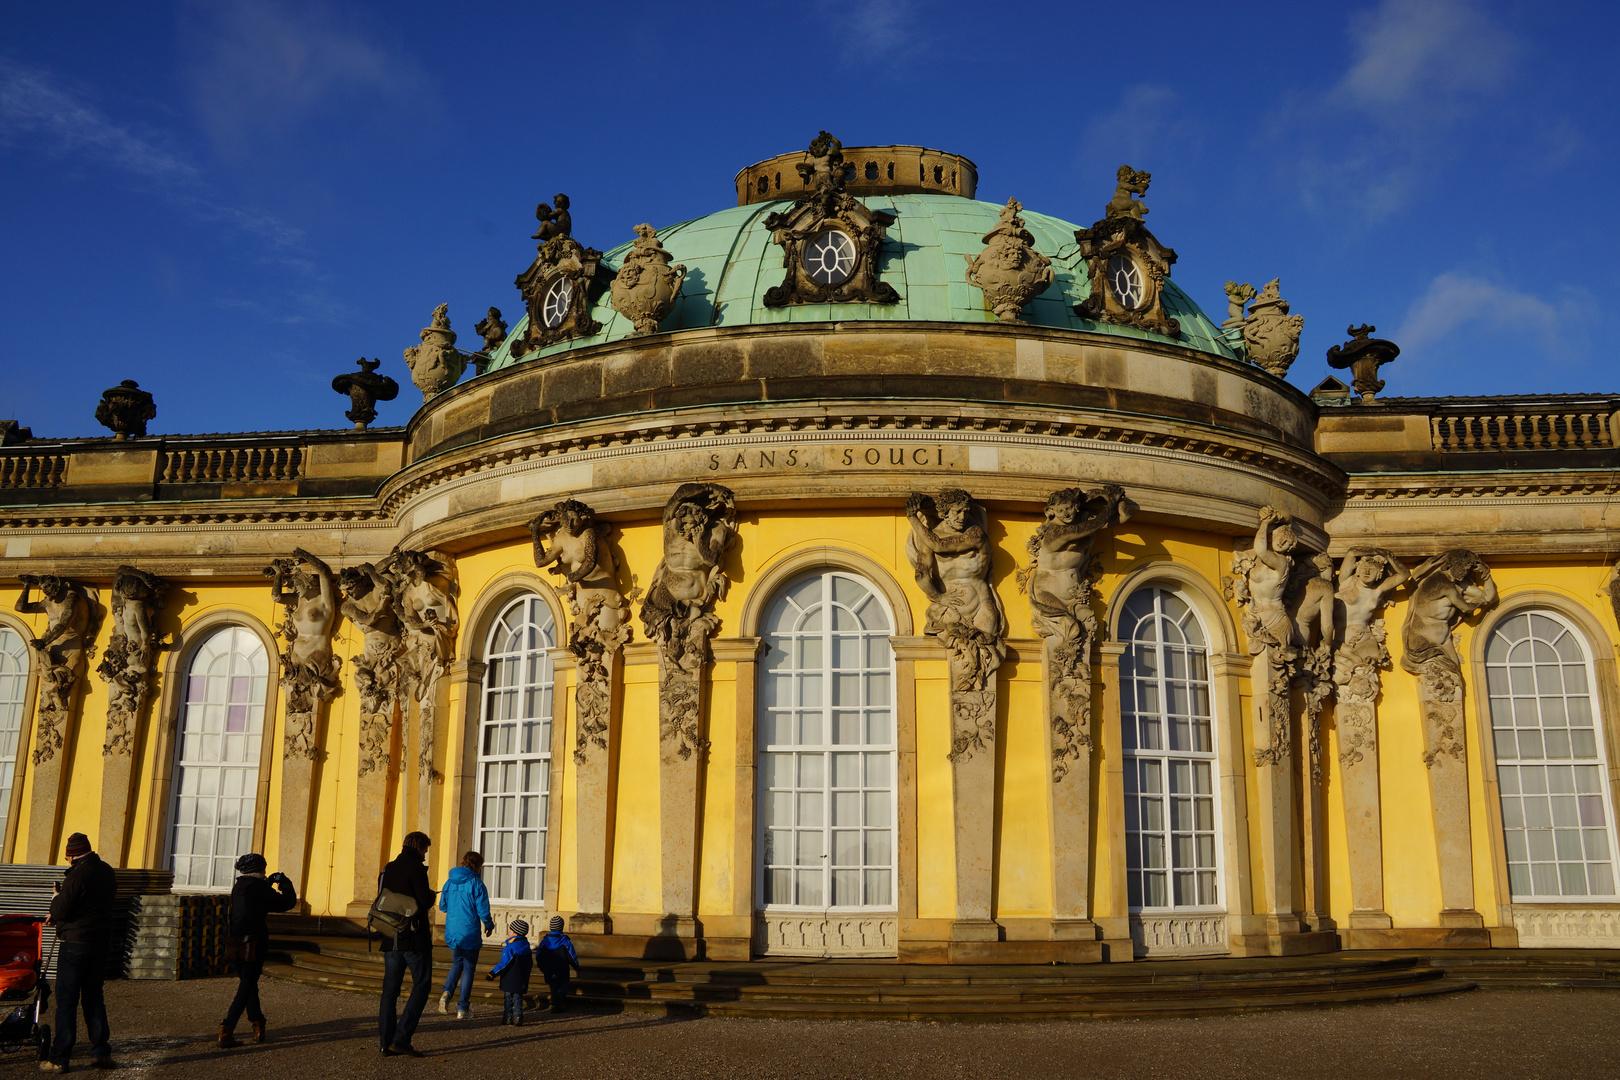 Sanssouci - ich wünsche allen Freunden und Freundinnen in der fc ein sorgenfreies 2012